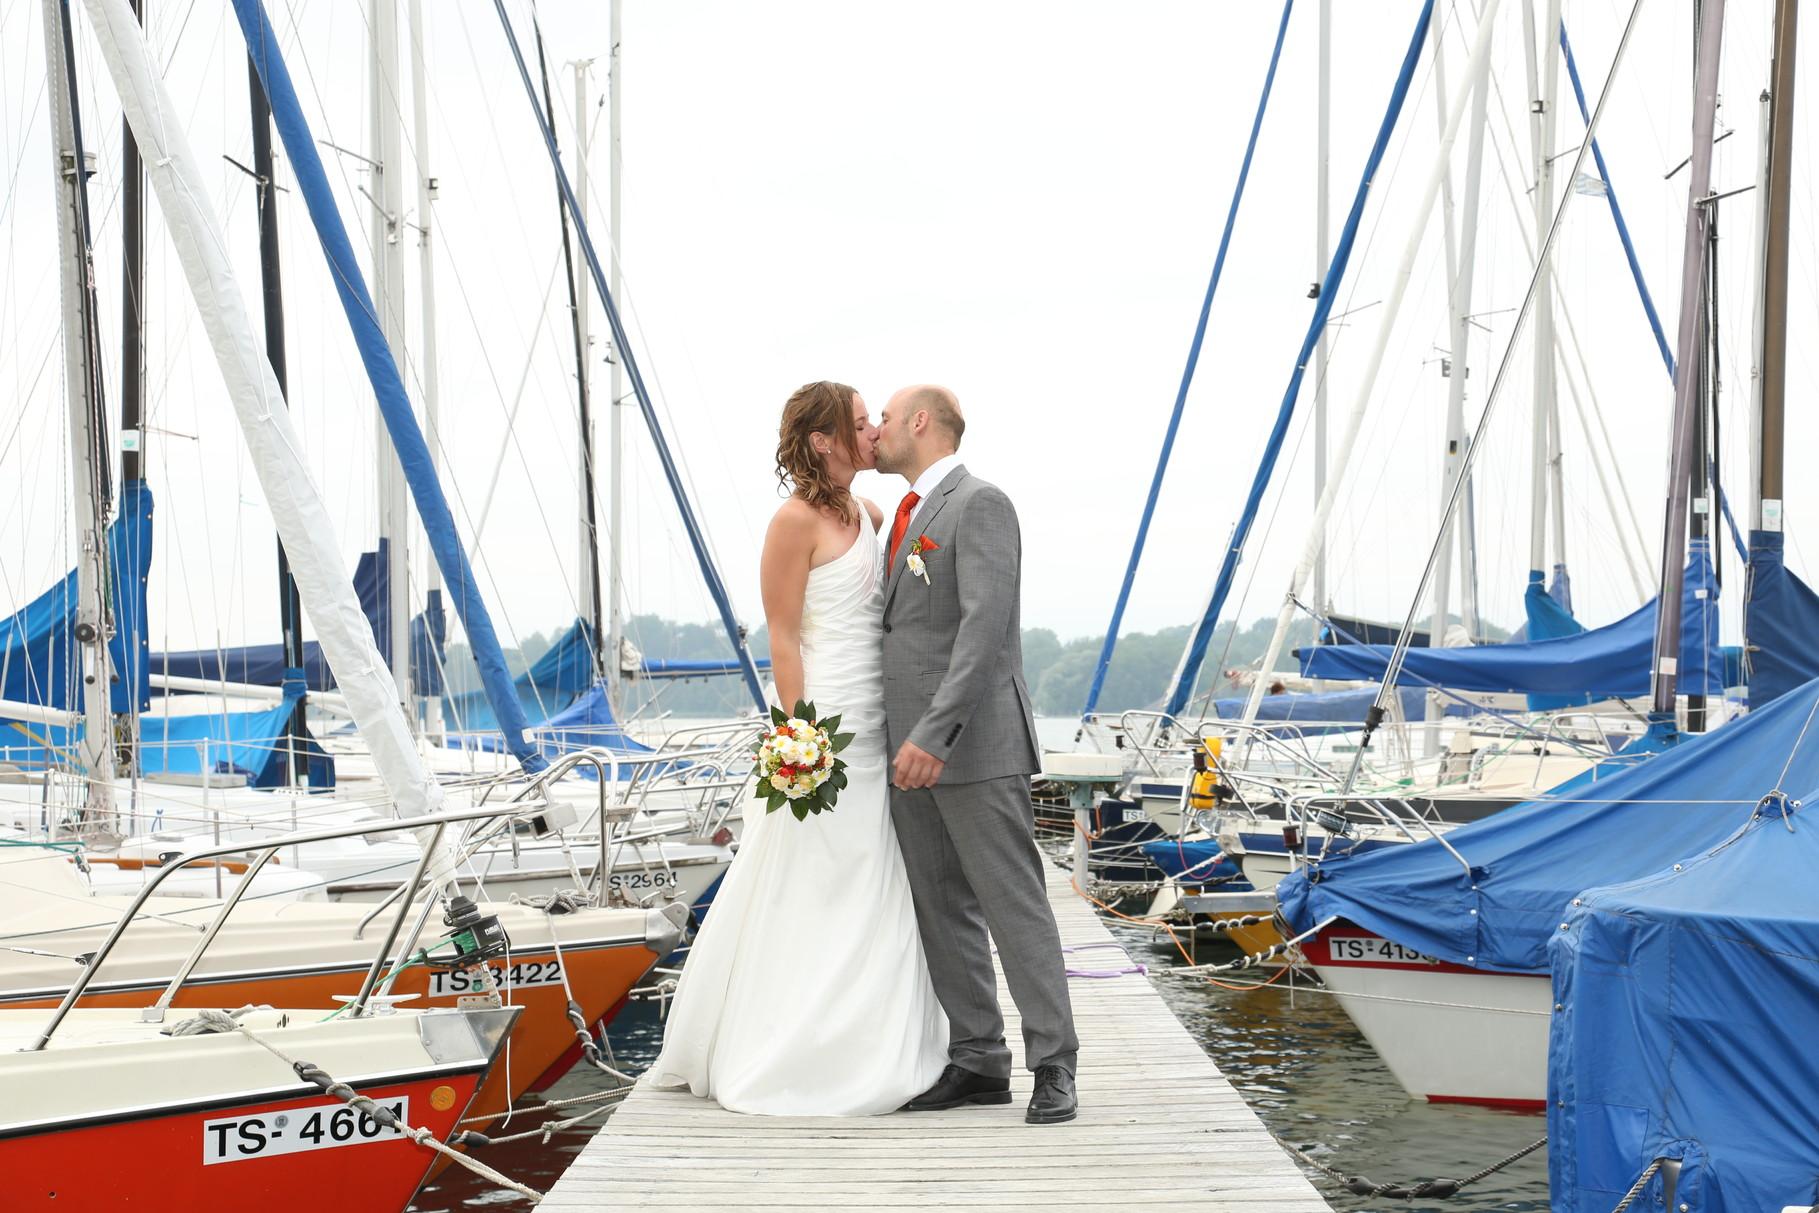 Brautpaar Chiemsee Segelboot Hafen Sissi Weber Fotografie www.weber-fotomobil.de